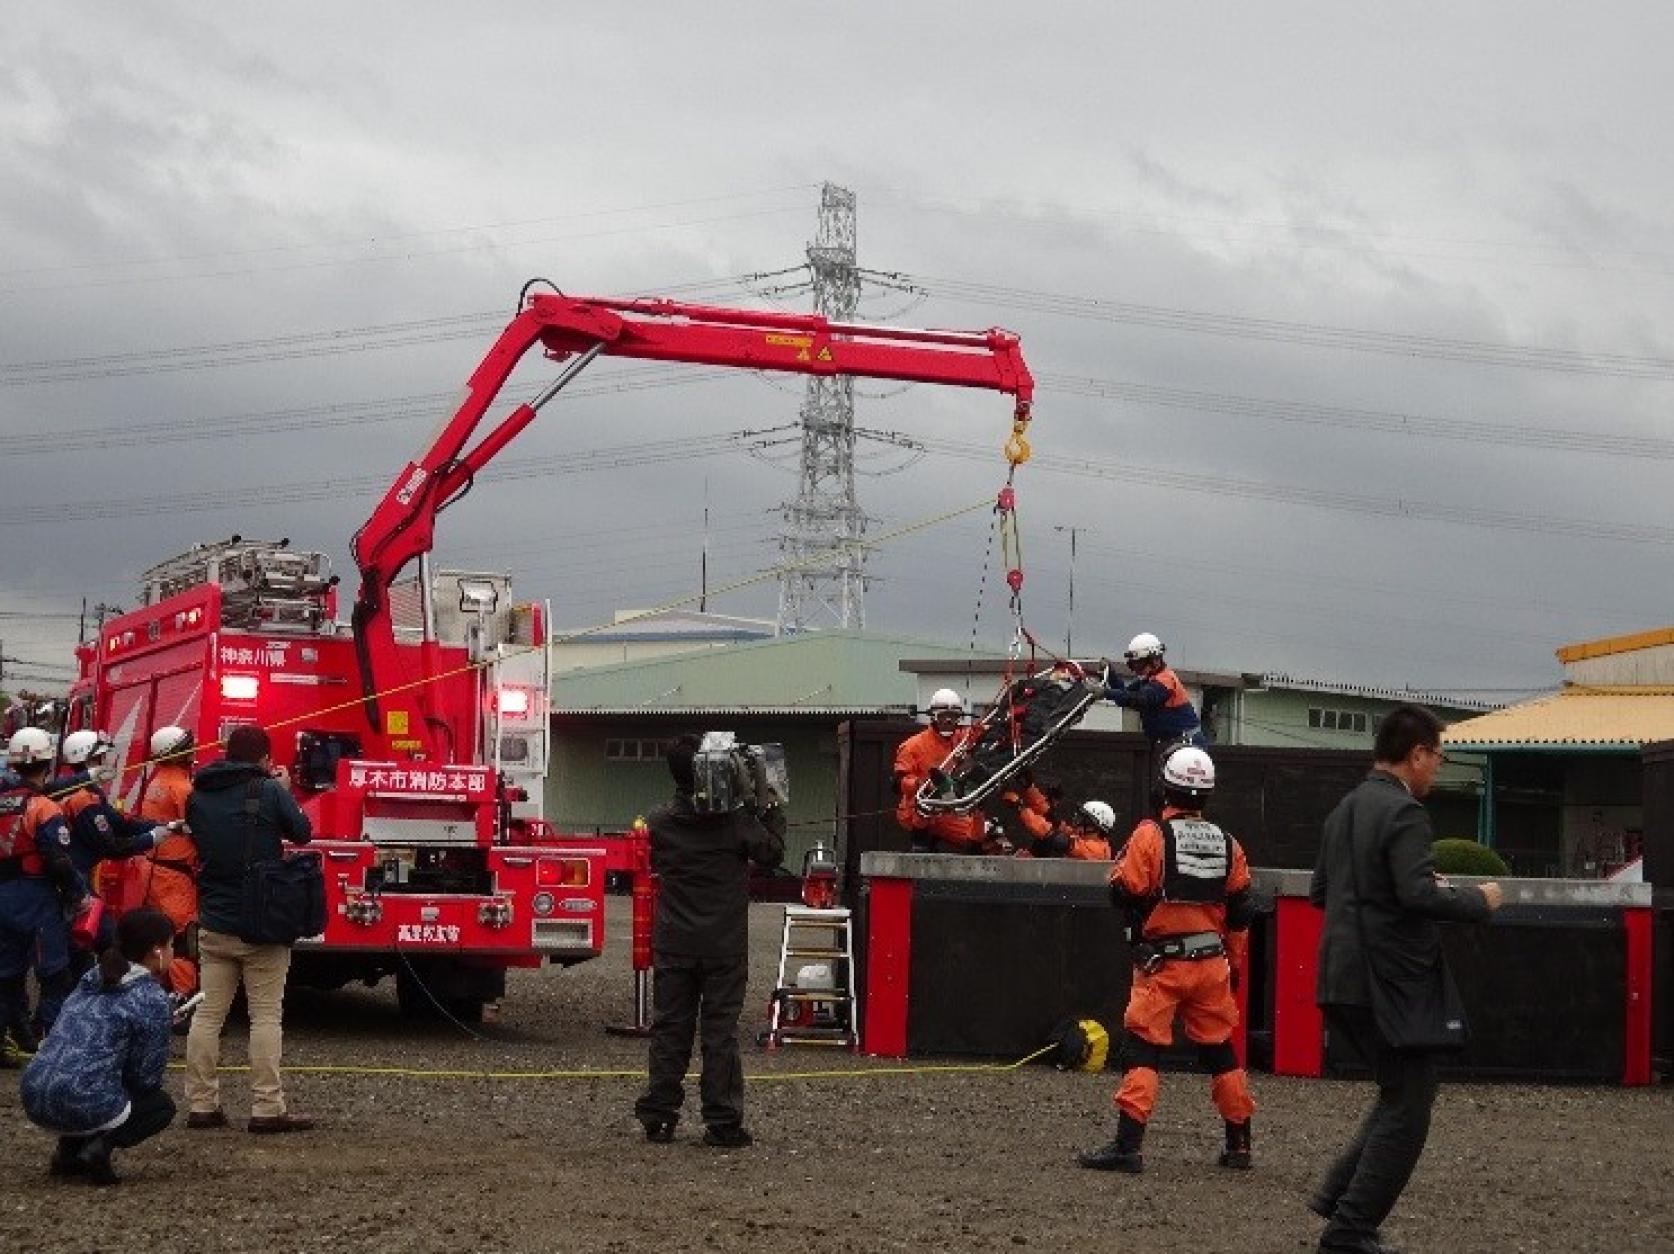 土木工学科関文夫教授と建築学科宮里直也教授が設計監修した、国内最大規模の災害救助訓練施設が、神奈川県厚木市に完成。その模様がNHKニュースで放送されました。